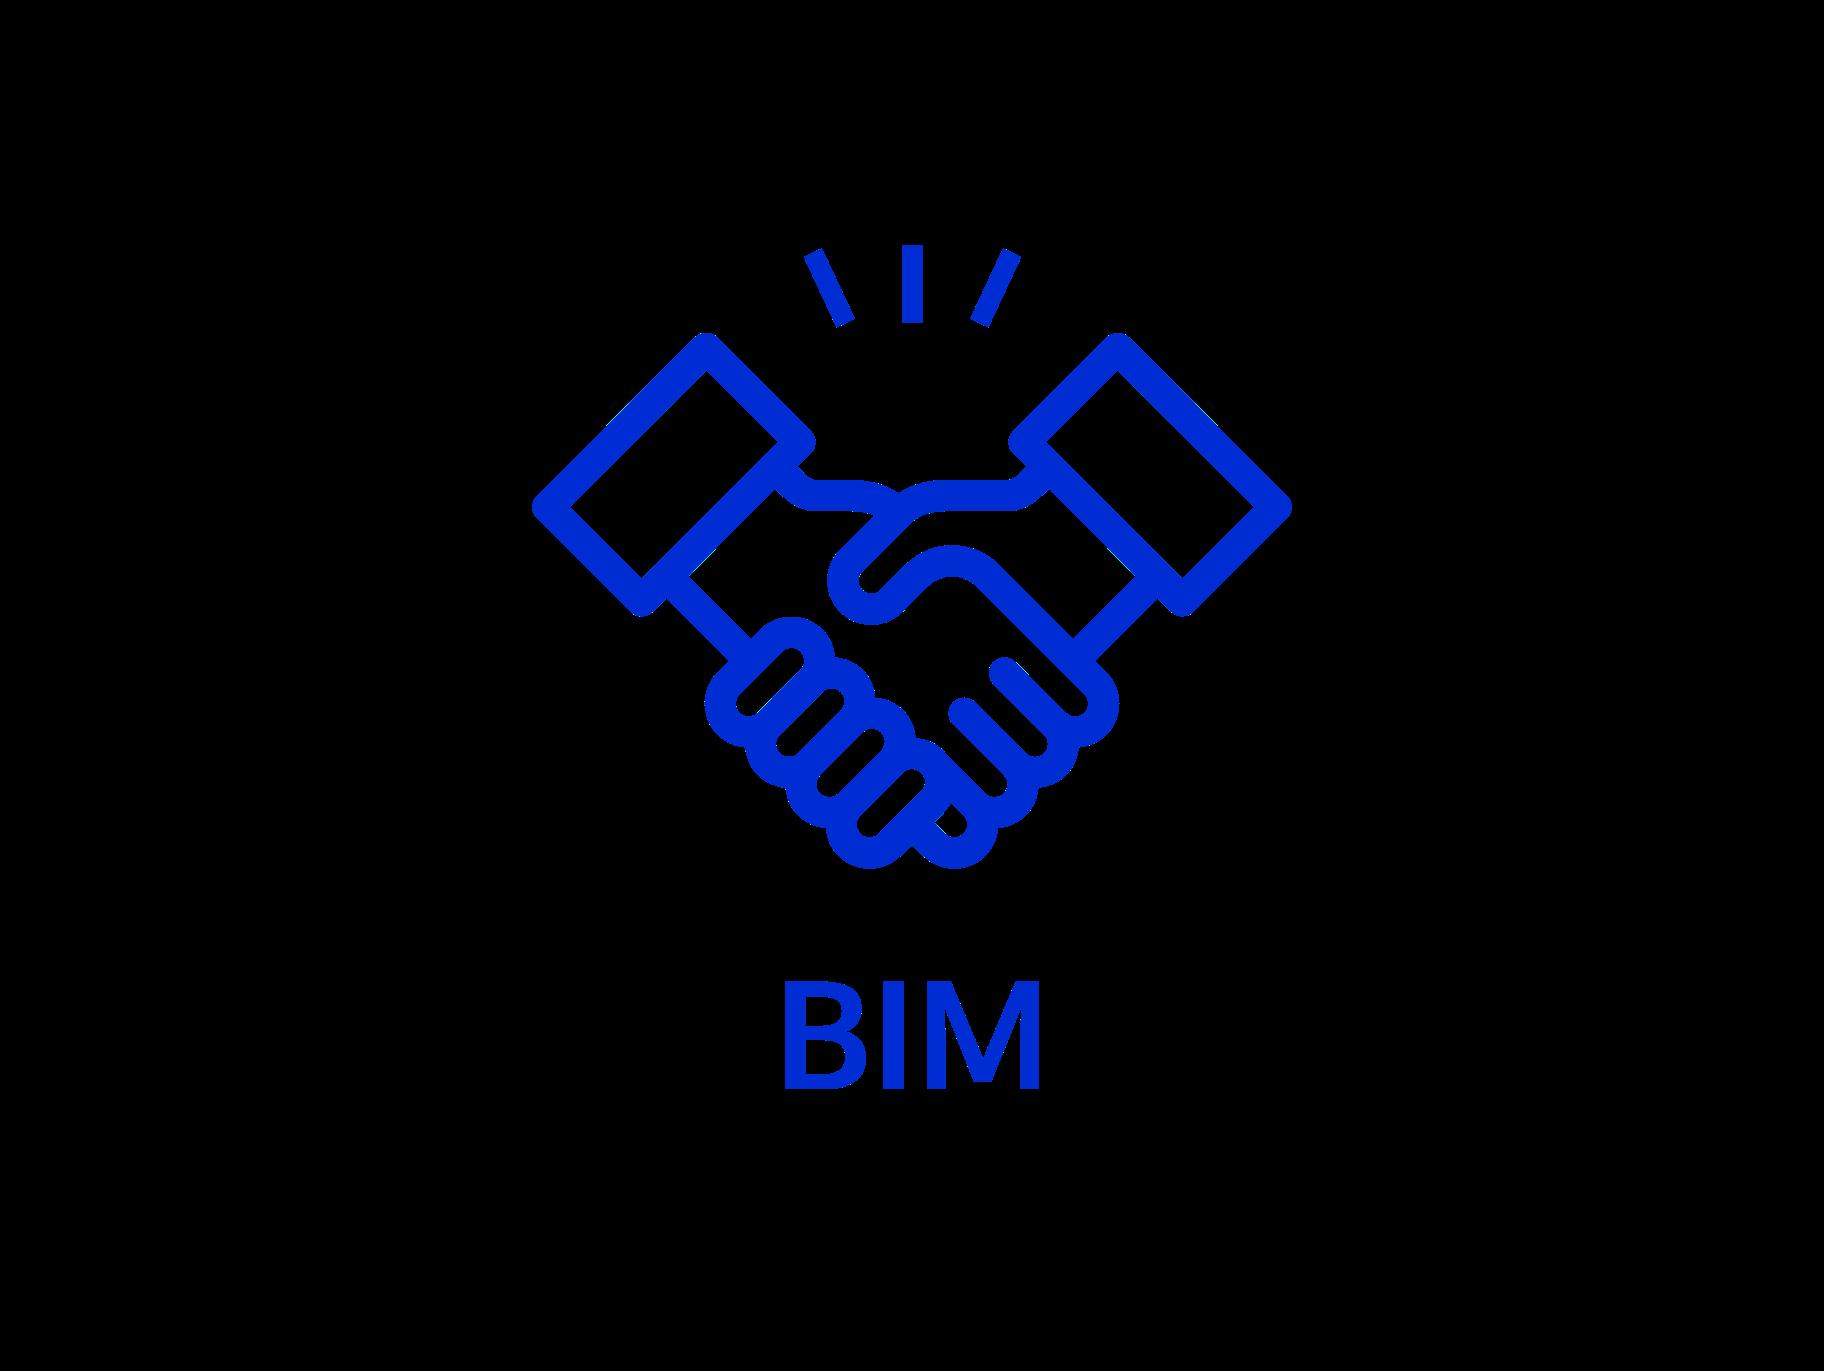 BIM Partner Visual